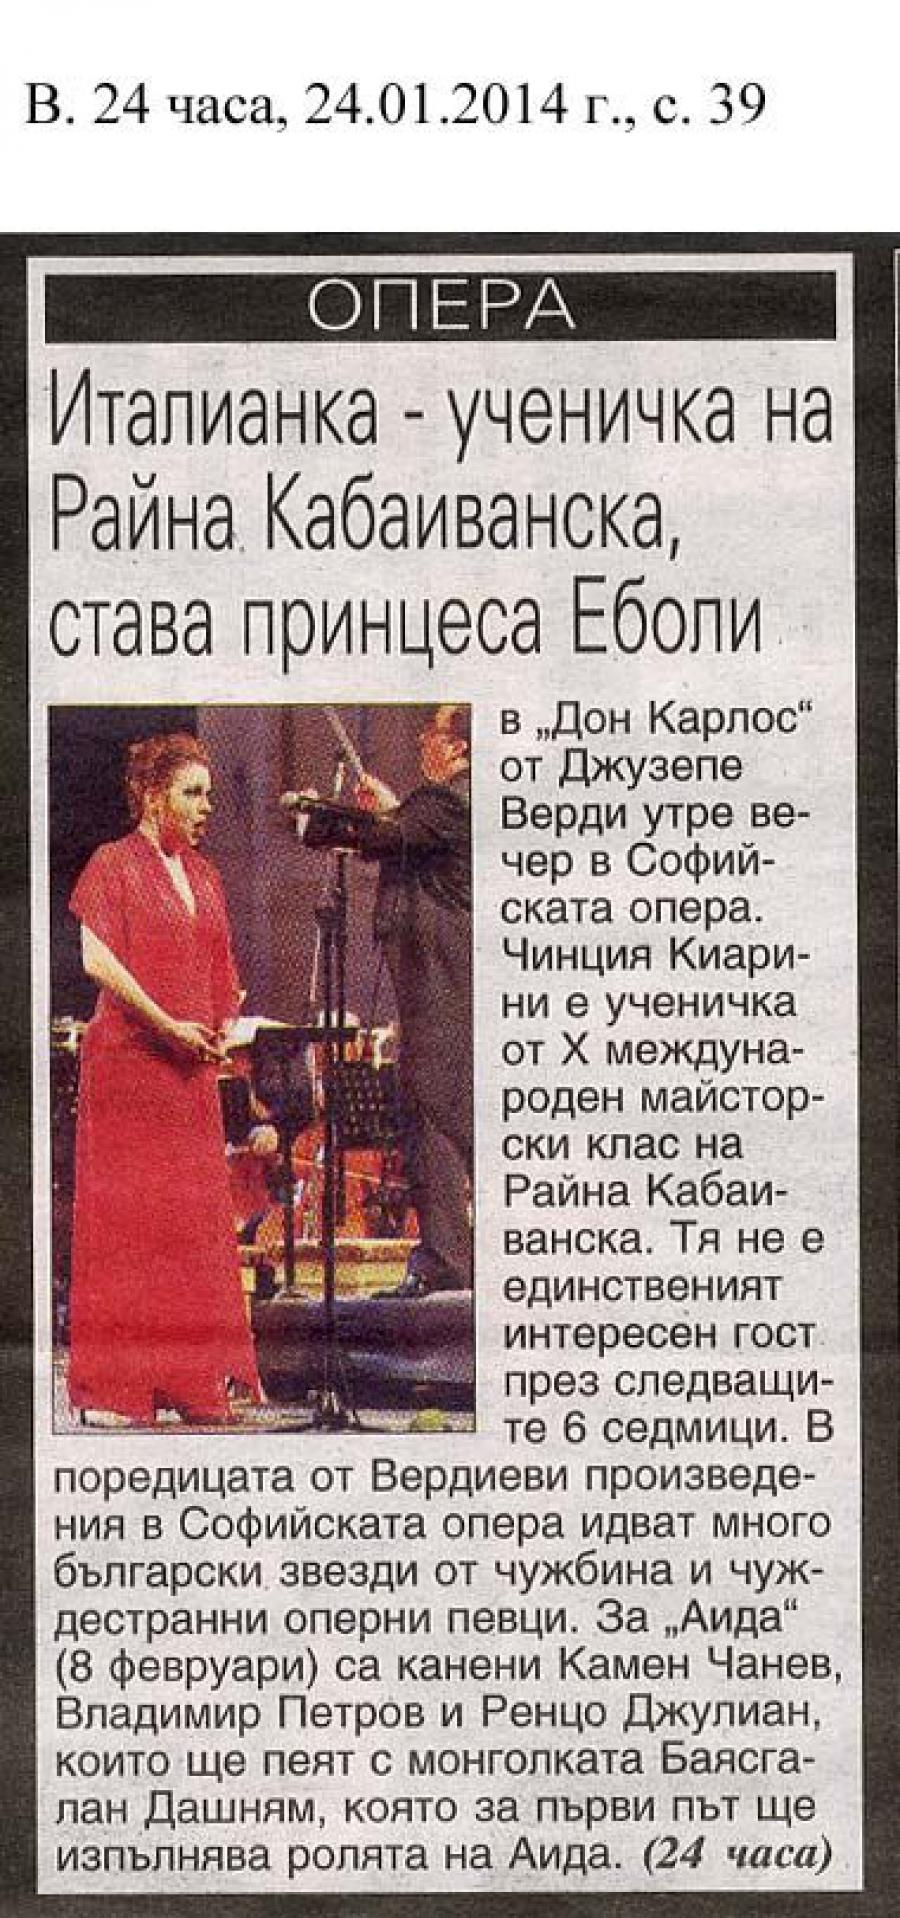 Италианка - Ученичка на Райна Кабаиванска, става принцеса Еболи - в-к 24часа - 24.01.2014